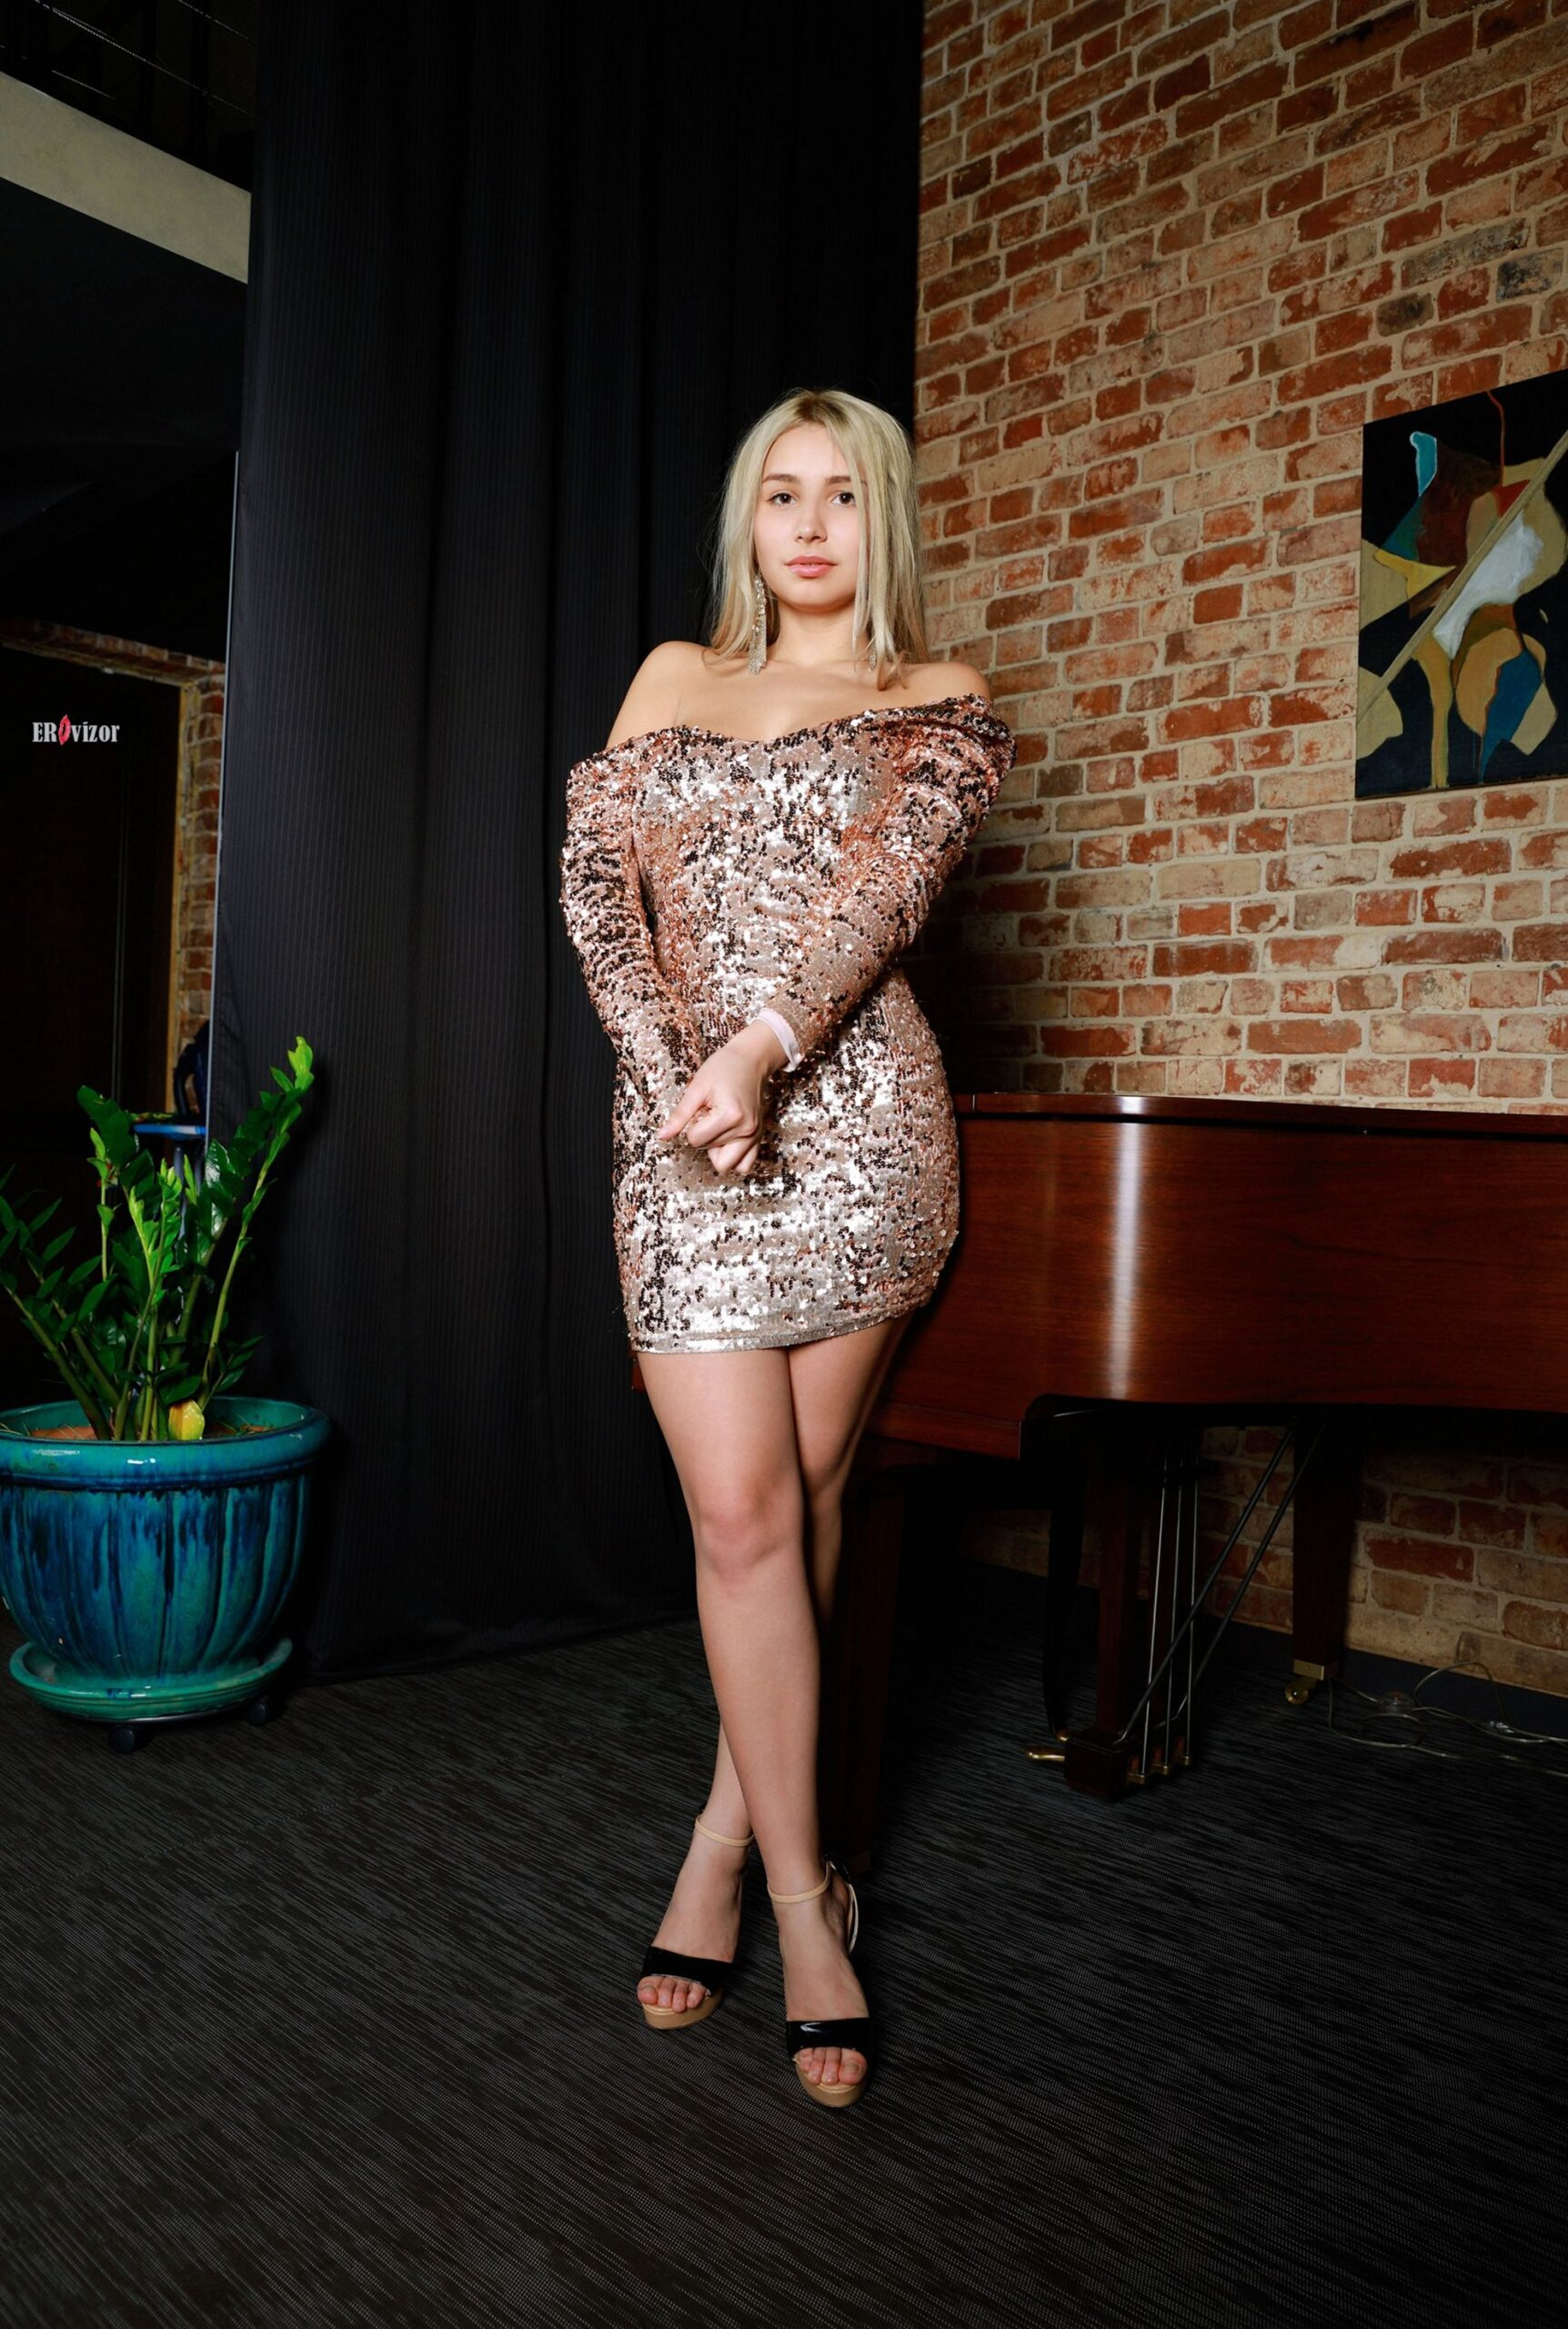 Soska-Candice-Lauren-klevaya_grud-erovizor (12)